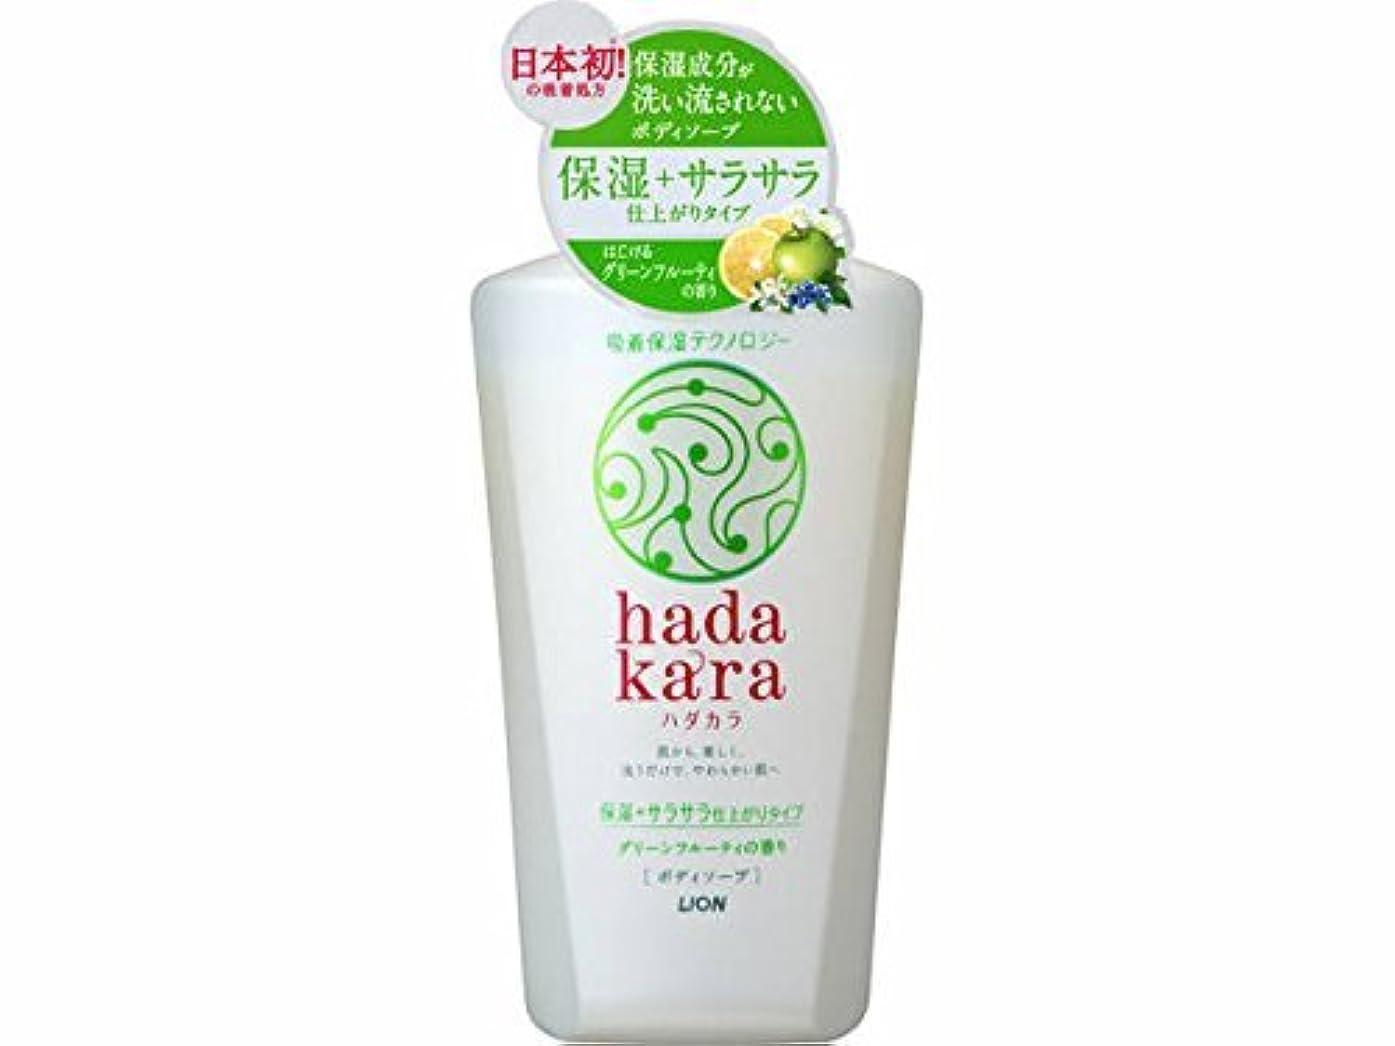 アレルギー性近代化宣言ライオン hadakara(ハダカラ)ボディソープ 保湿+サラサラ仕上がりタイプ グリーンフルーティの香り 本体